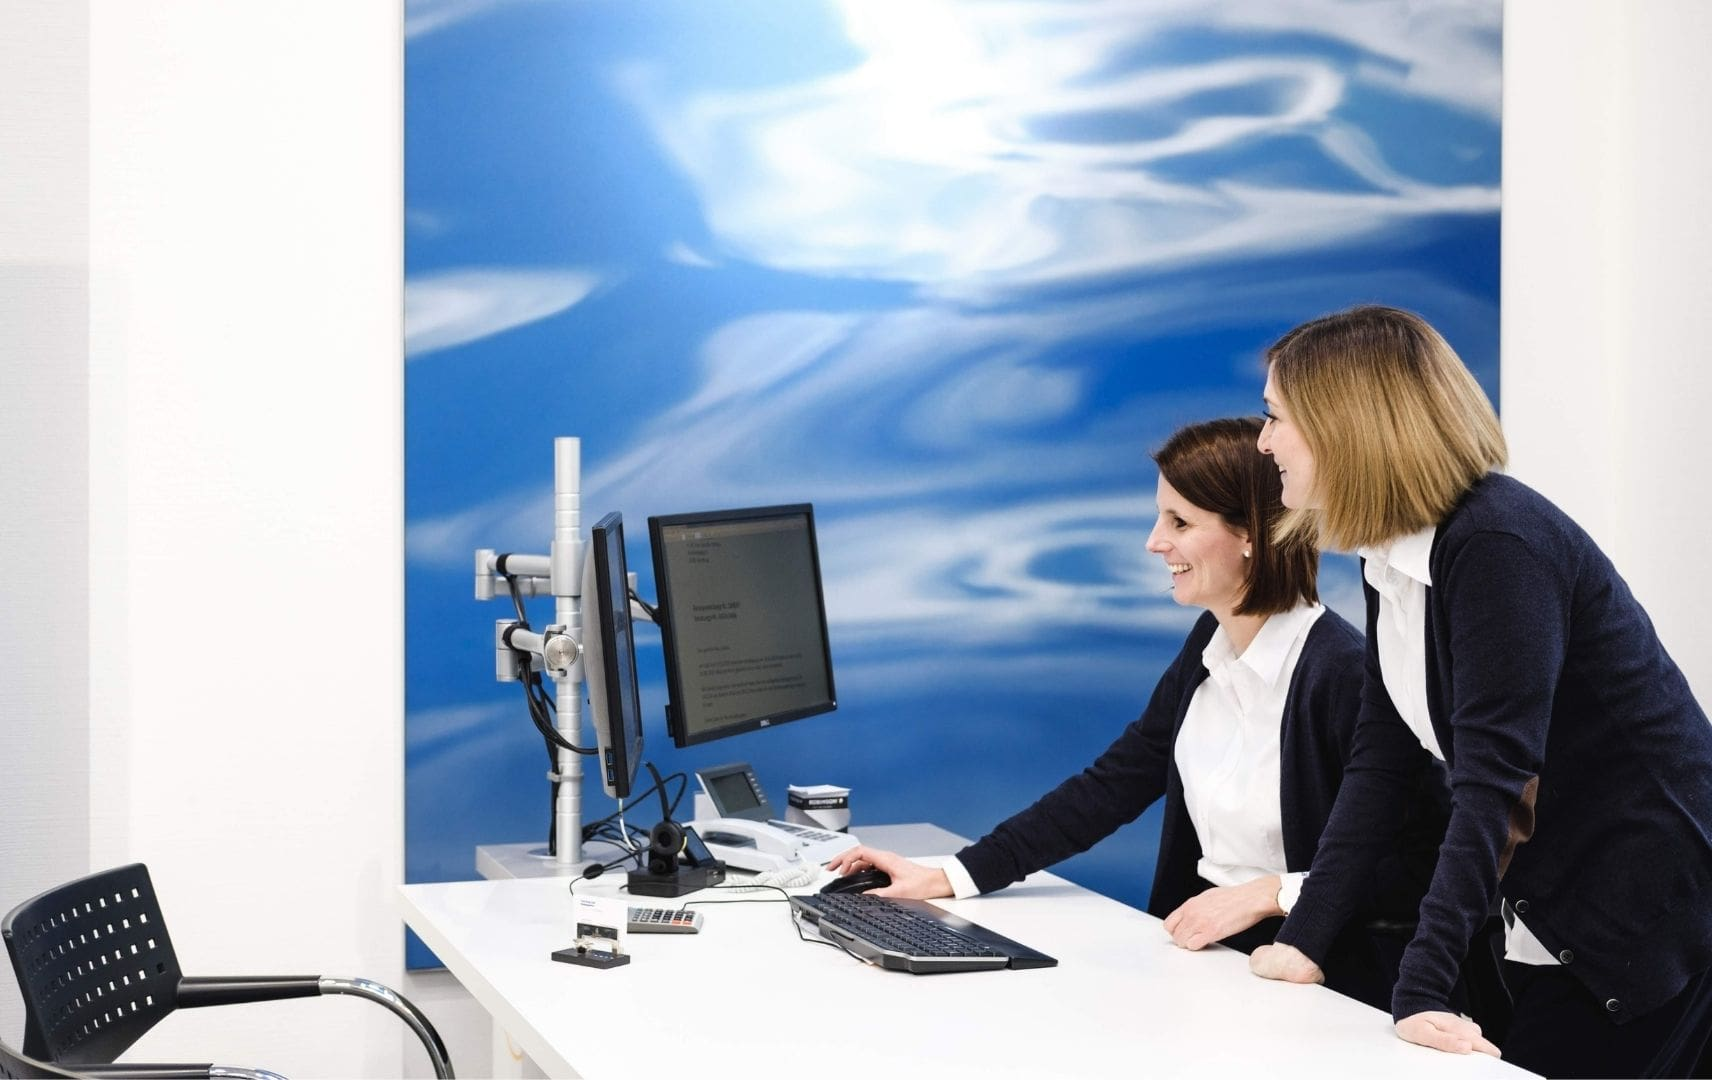 Zwei Frauen arbeiten am Computer am Schreibtisch